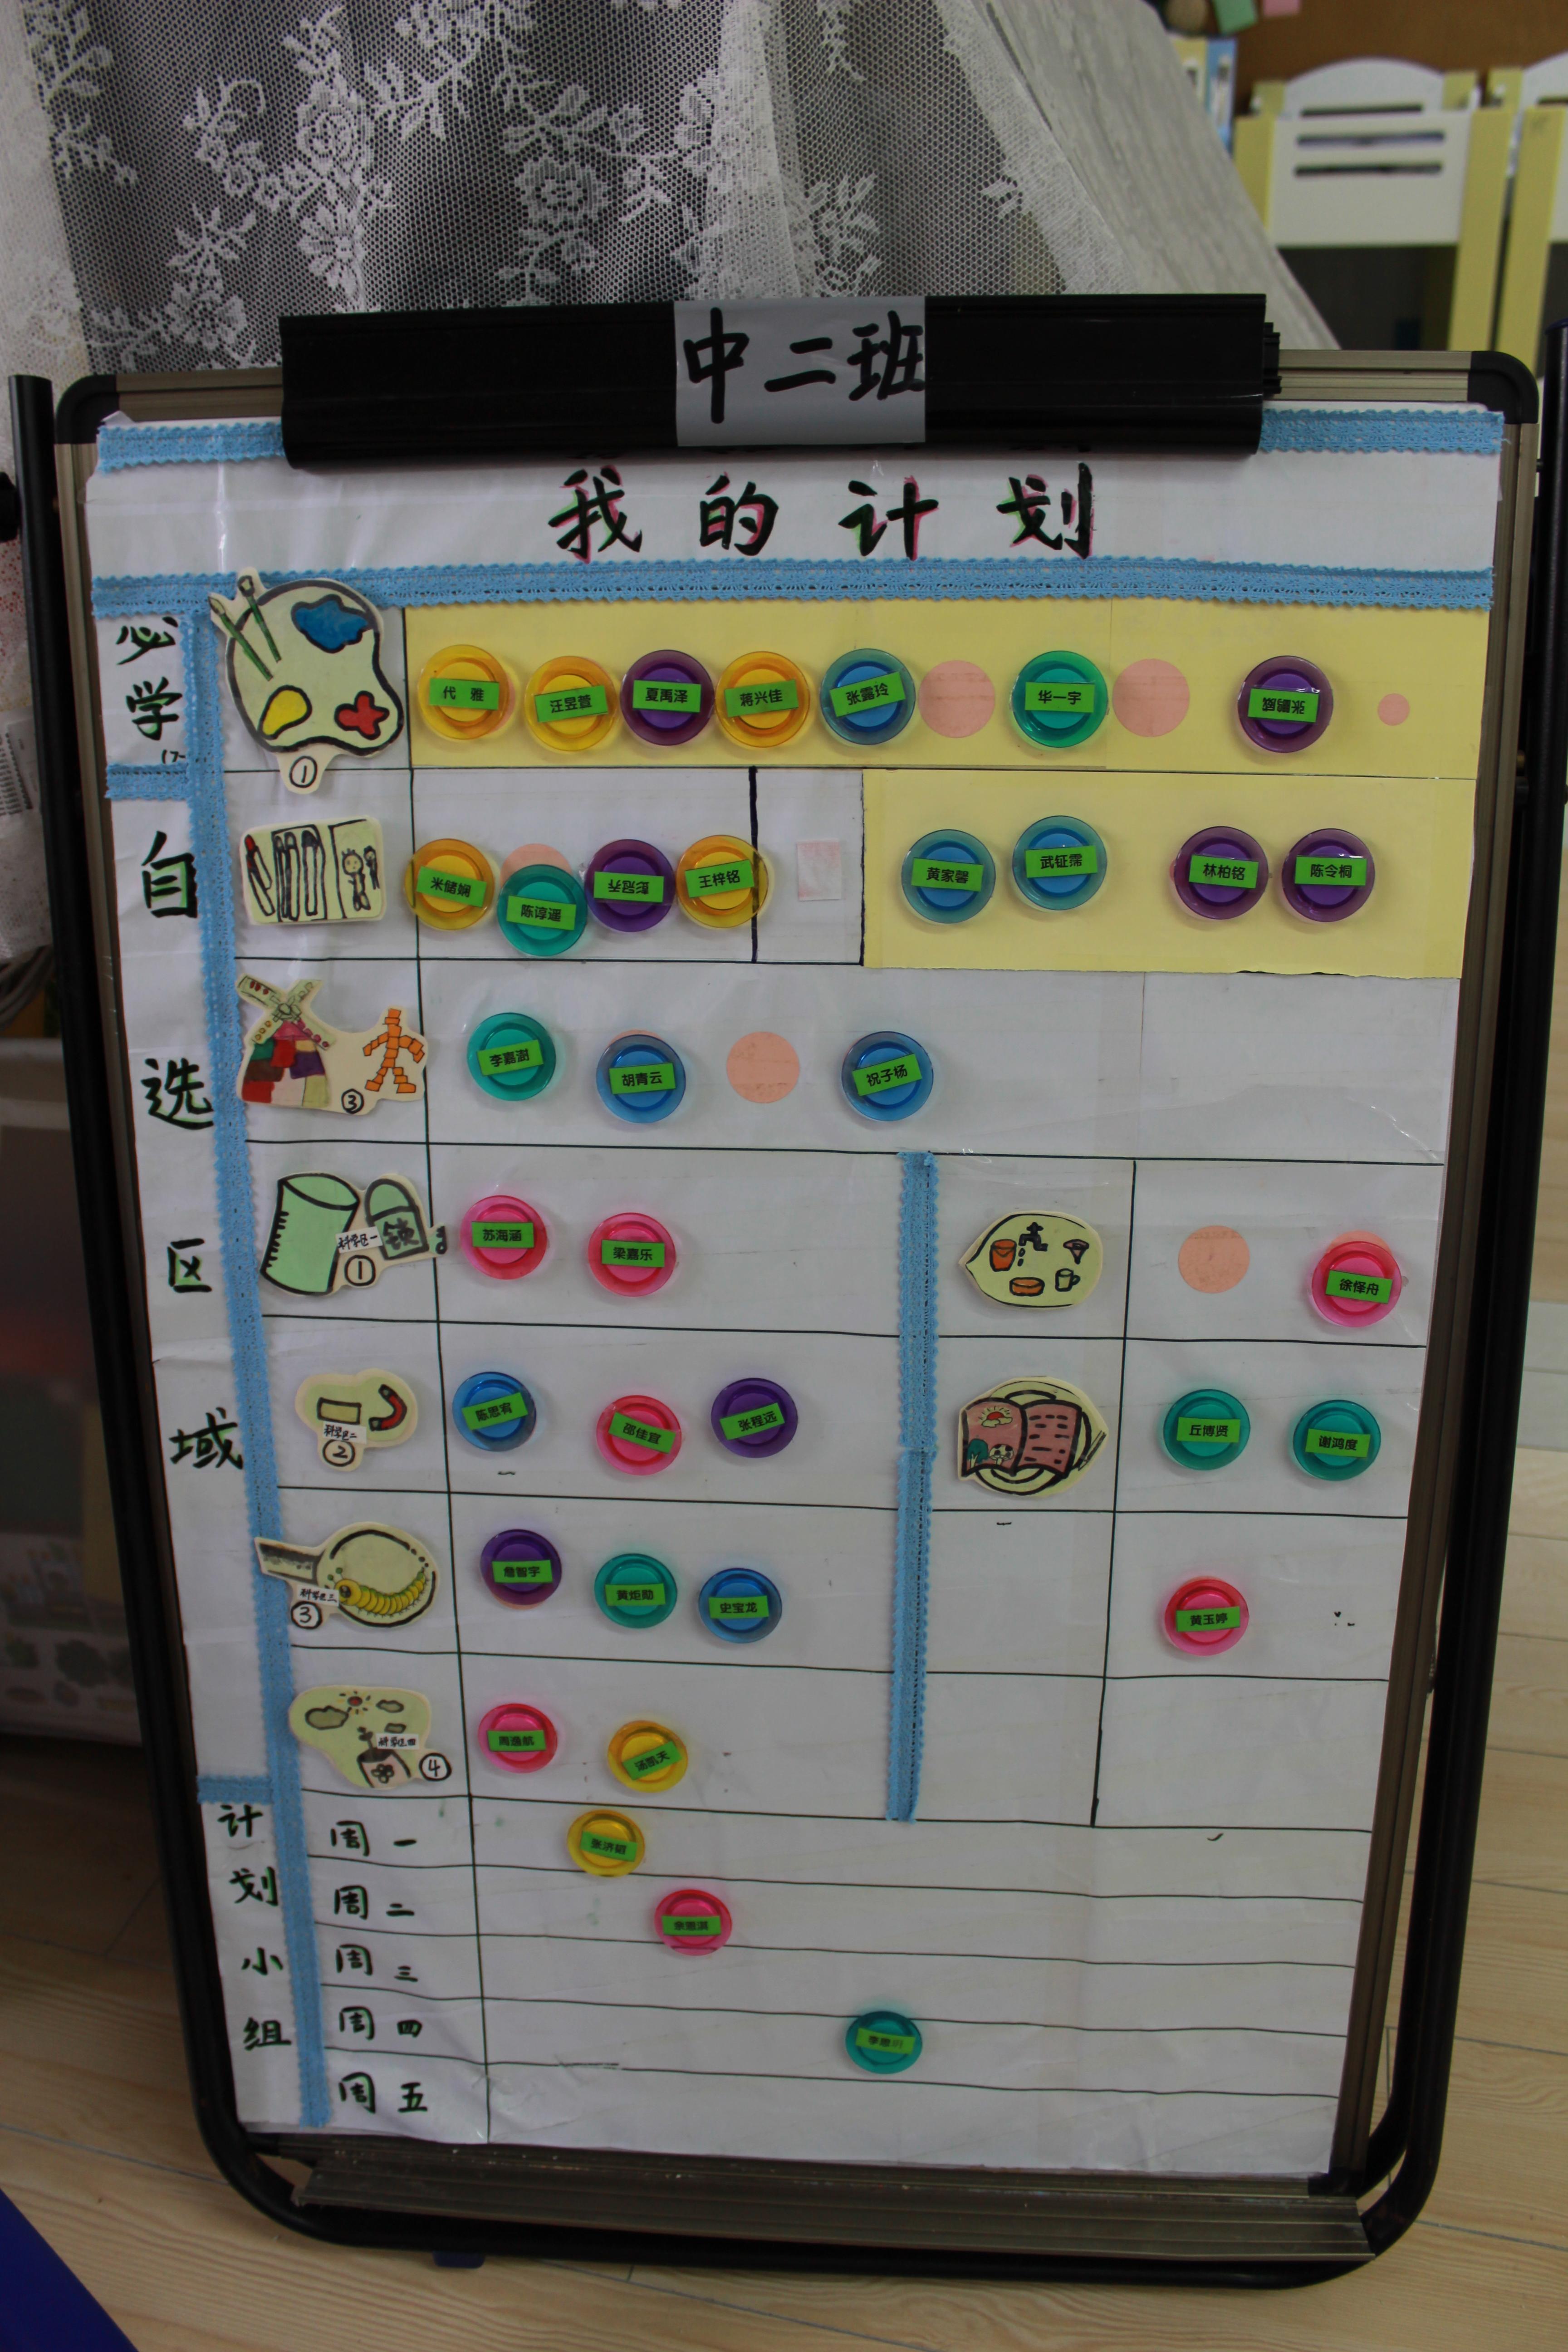 幼儿园计划环节用的计划版